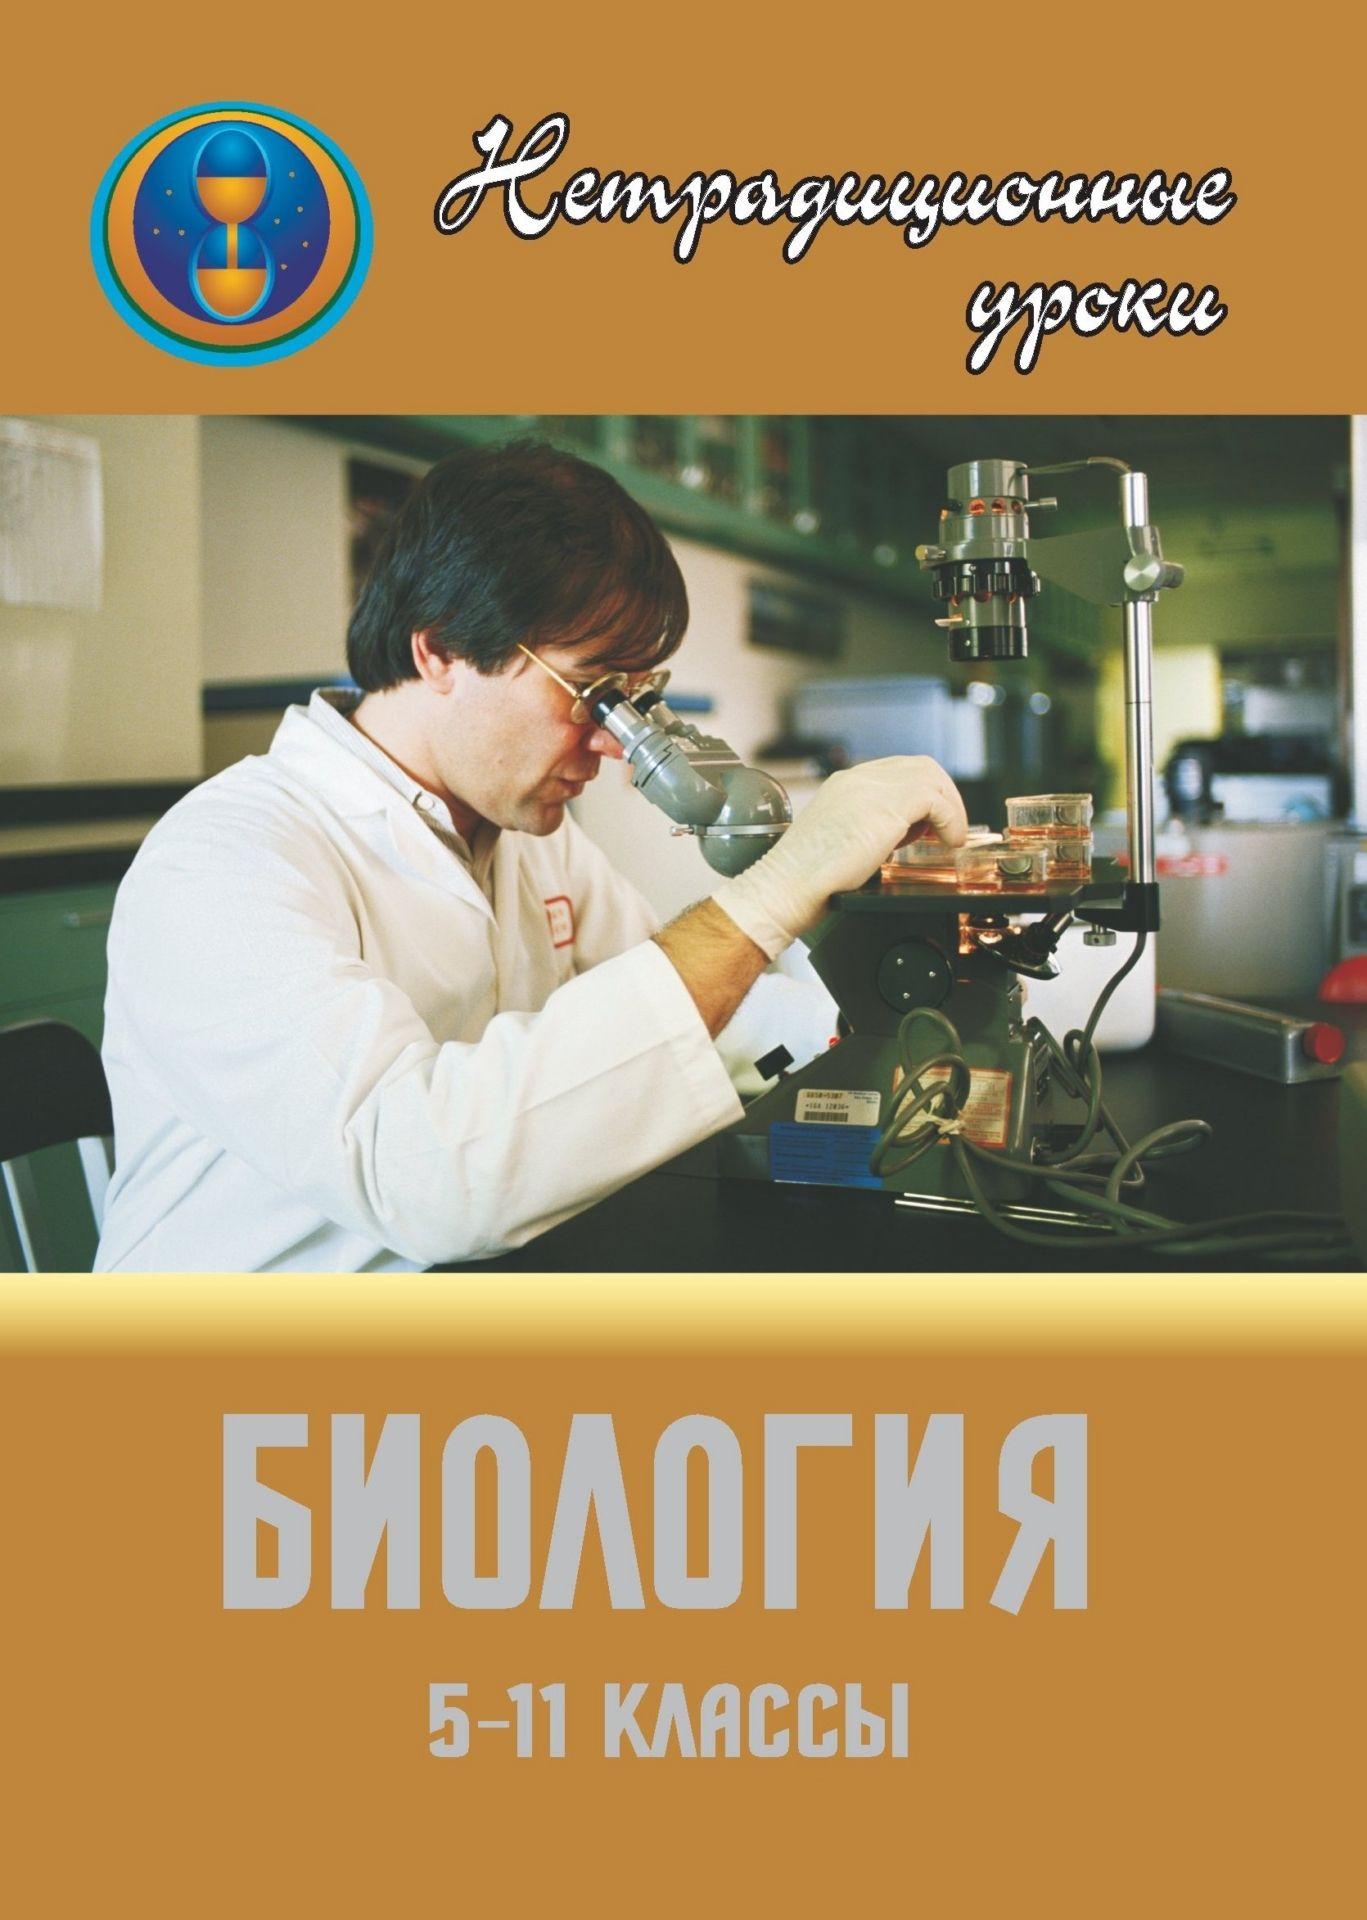 Нетрадиционные уроки по биологии в 5-11 классах (исследование, интегрирование, моделирование)